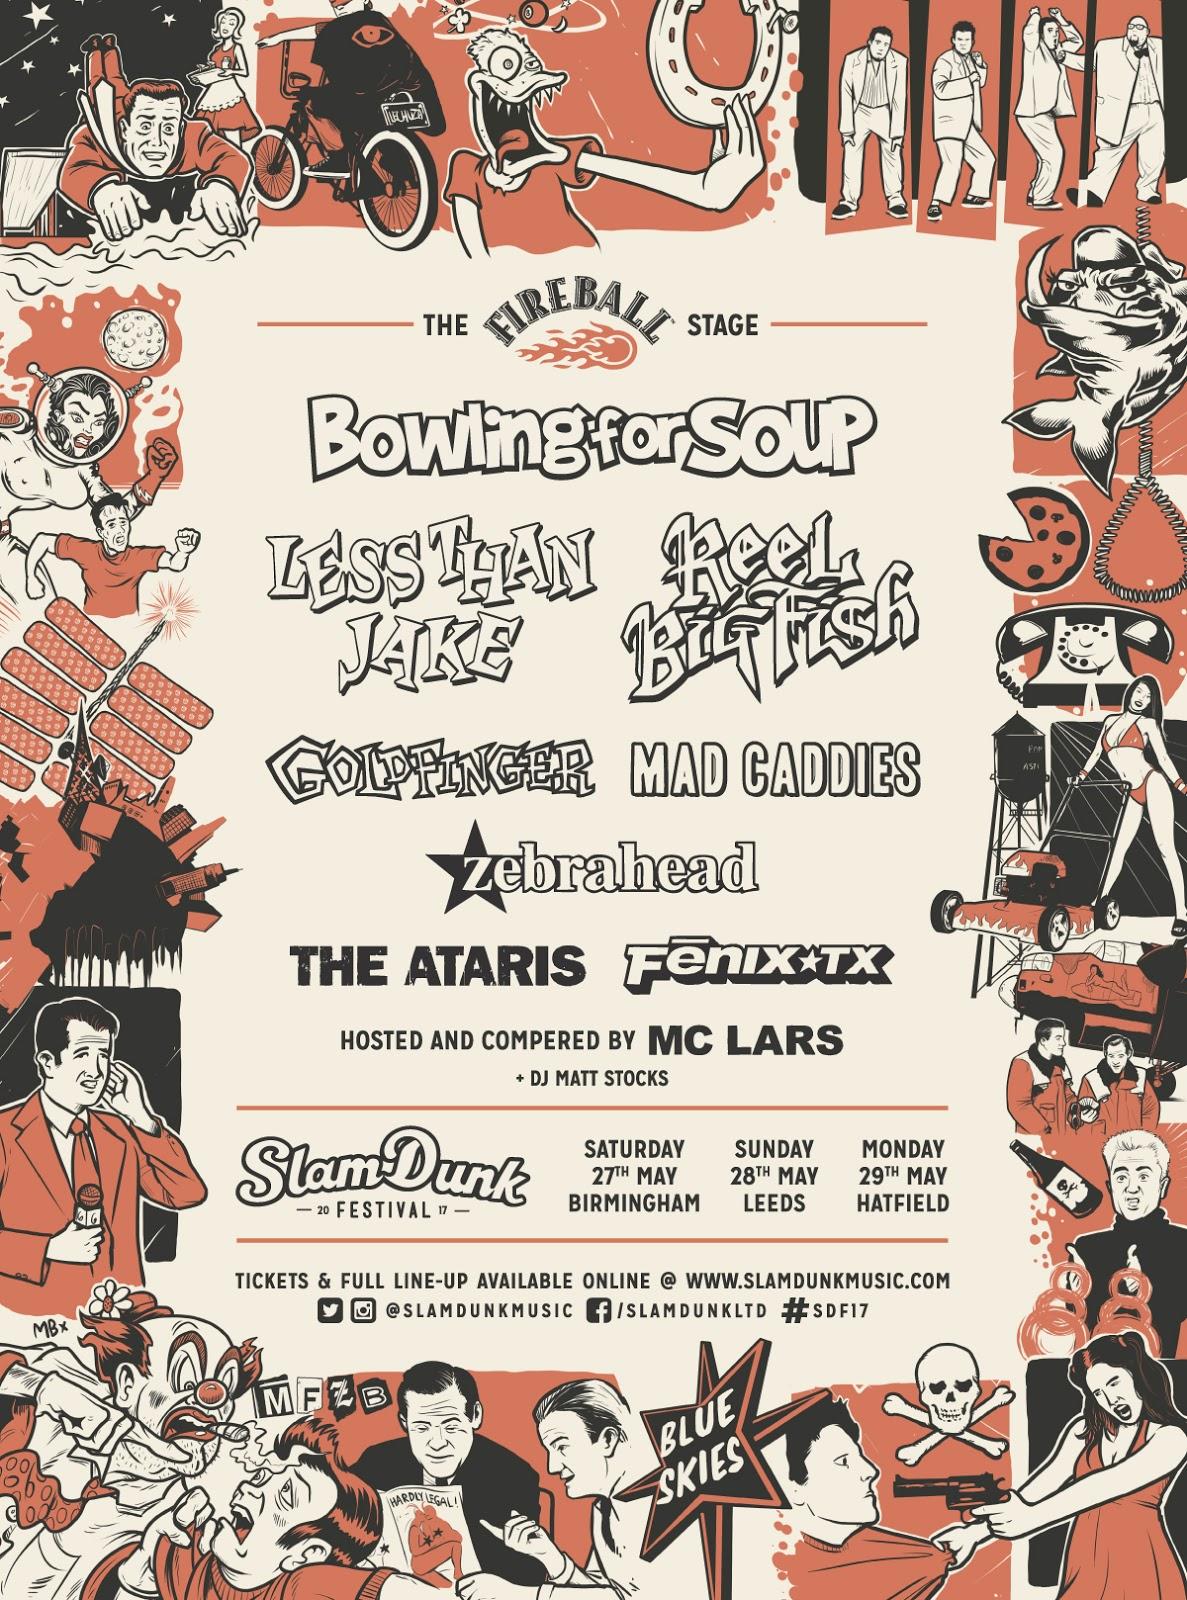 FINAL FIREBALL slam dunk festival 2017